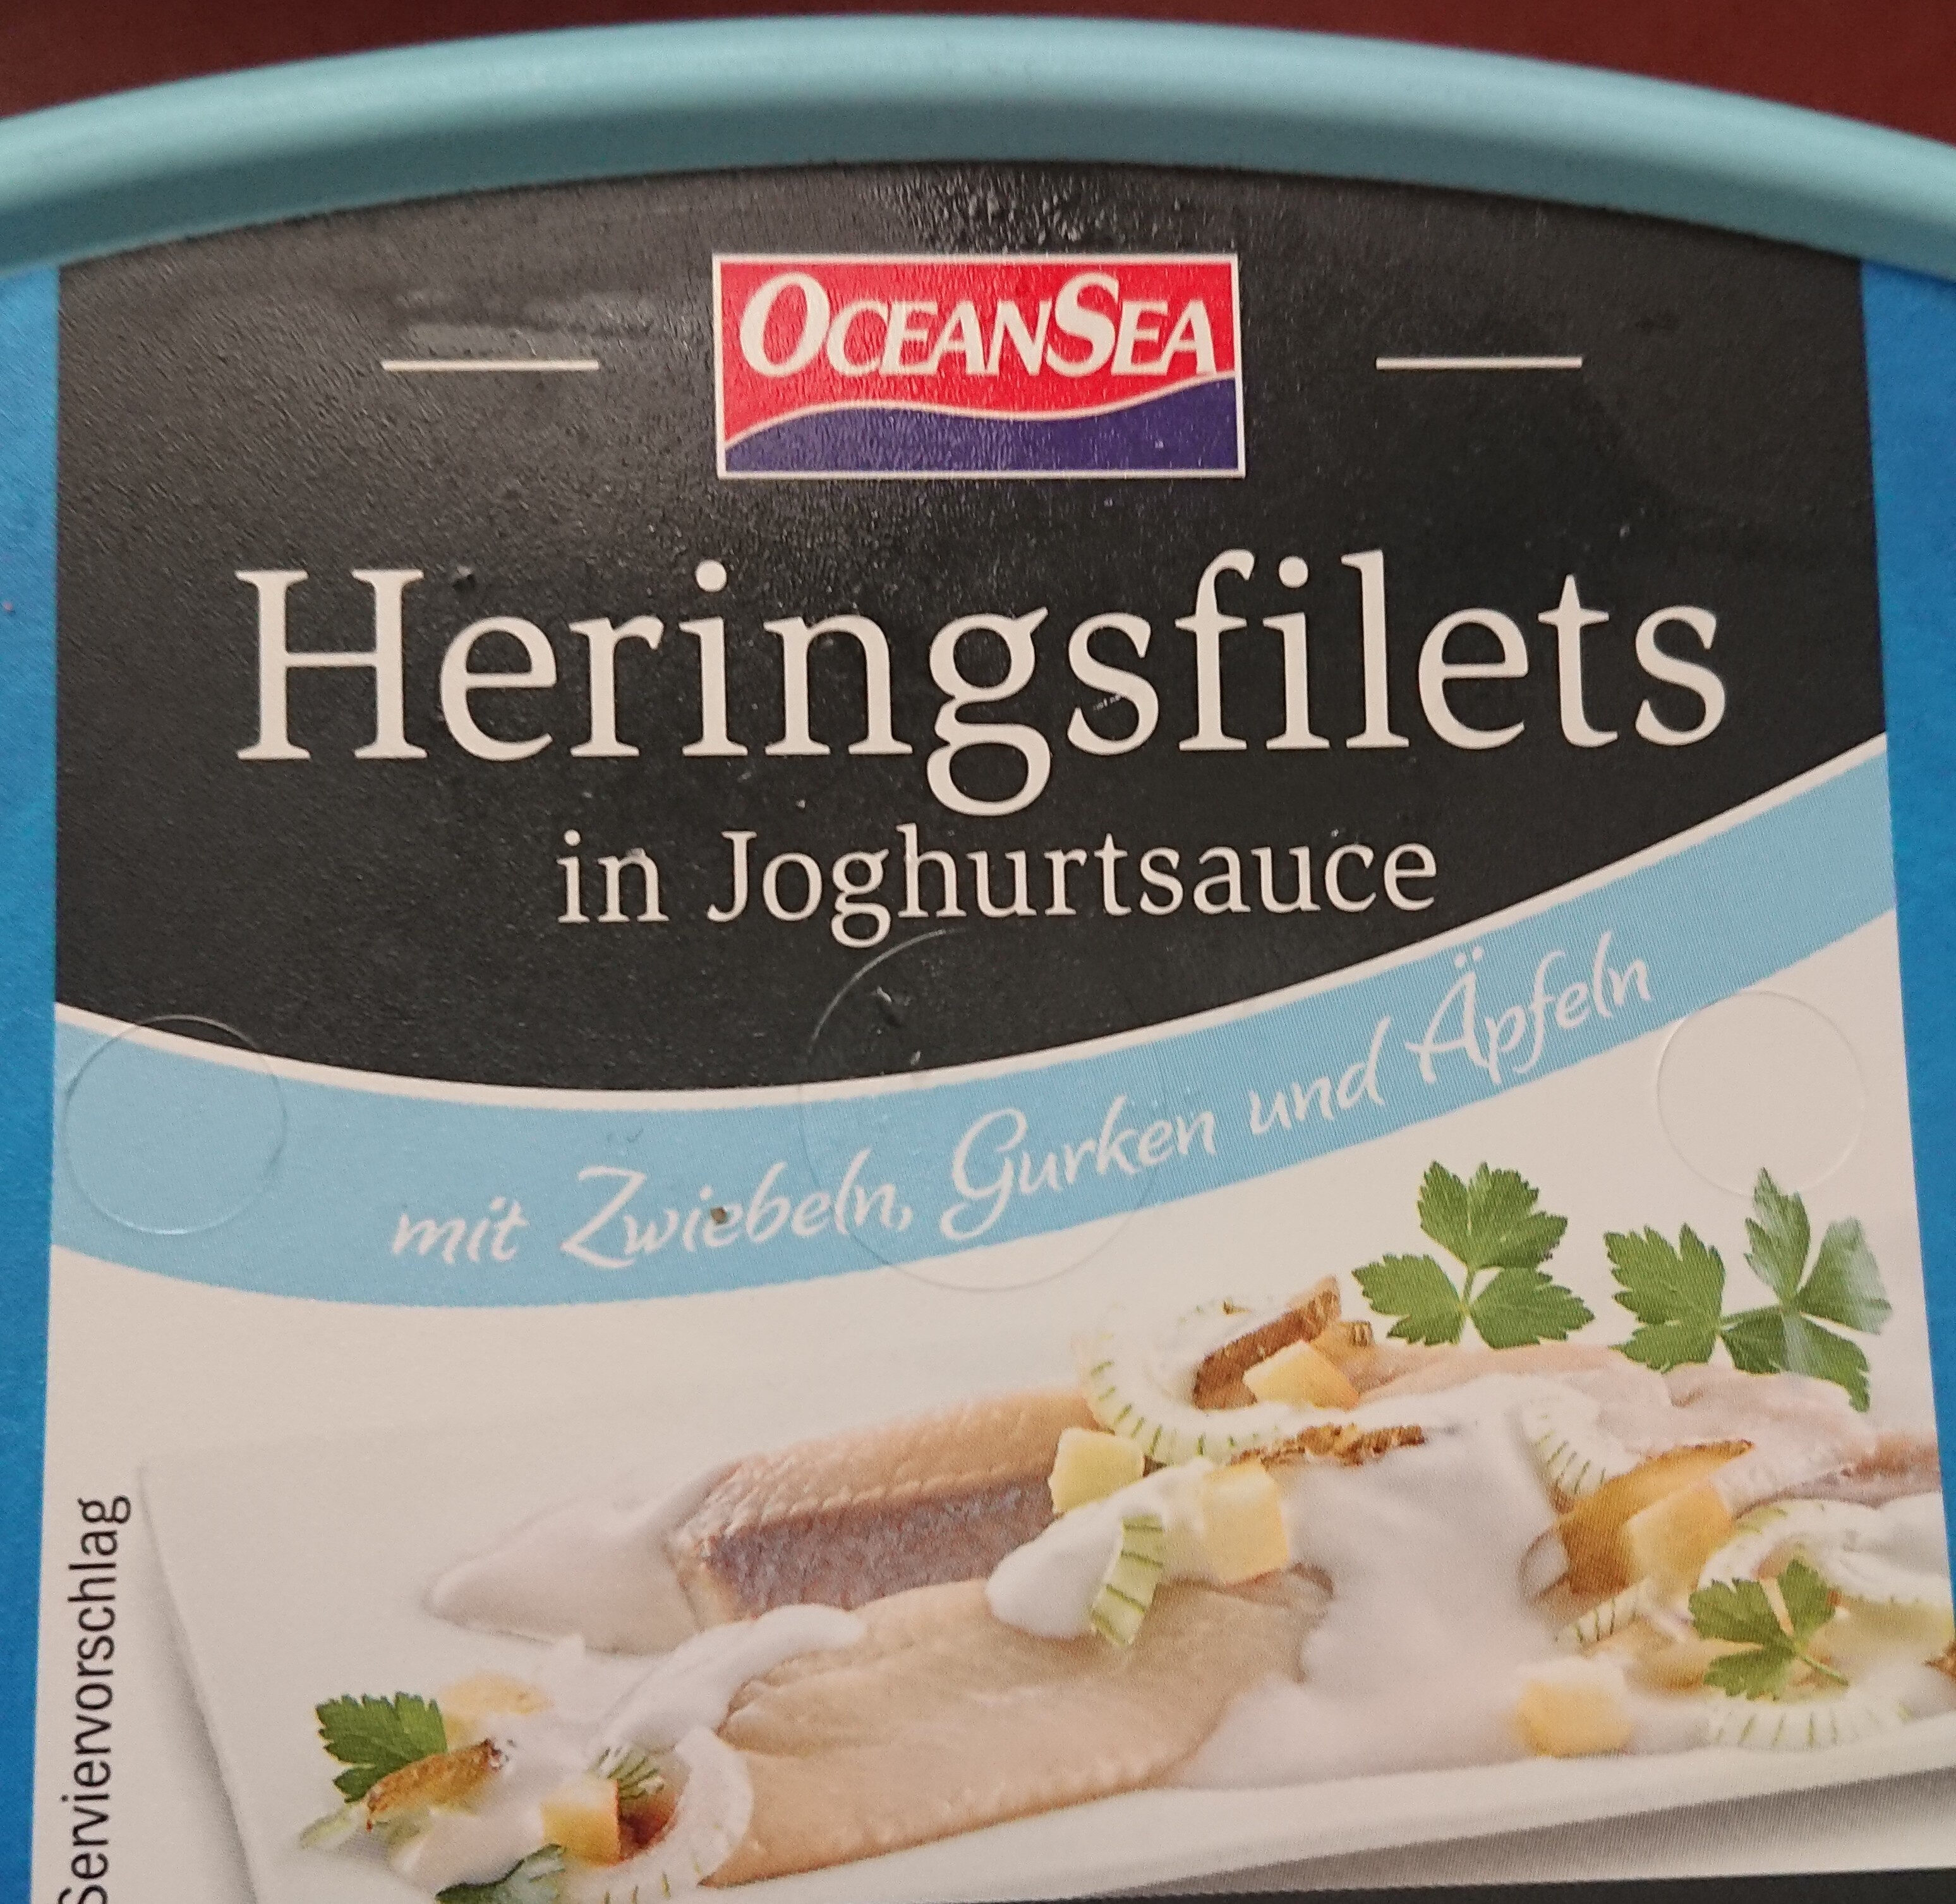 Heringsfilets in Joghurtsauce - Product - de